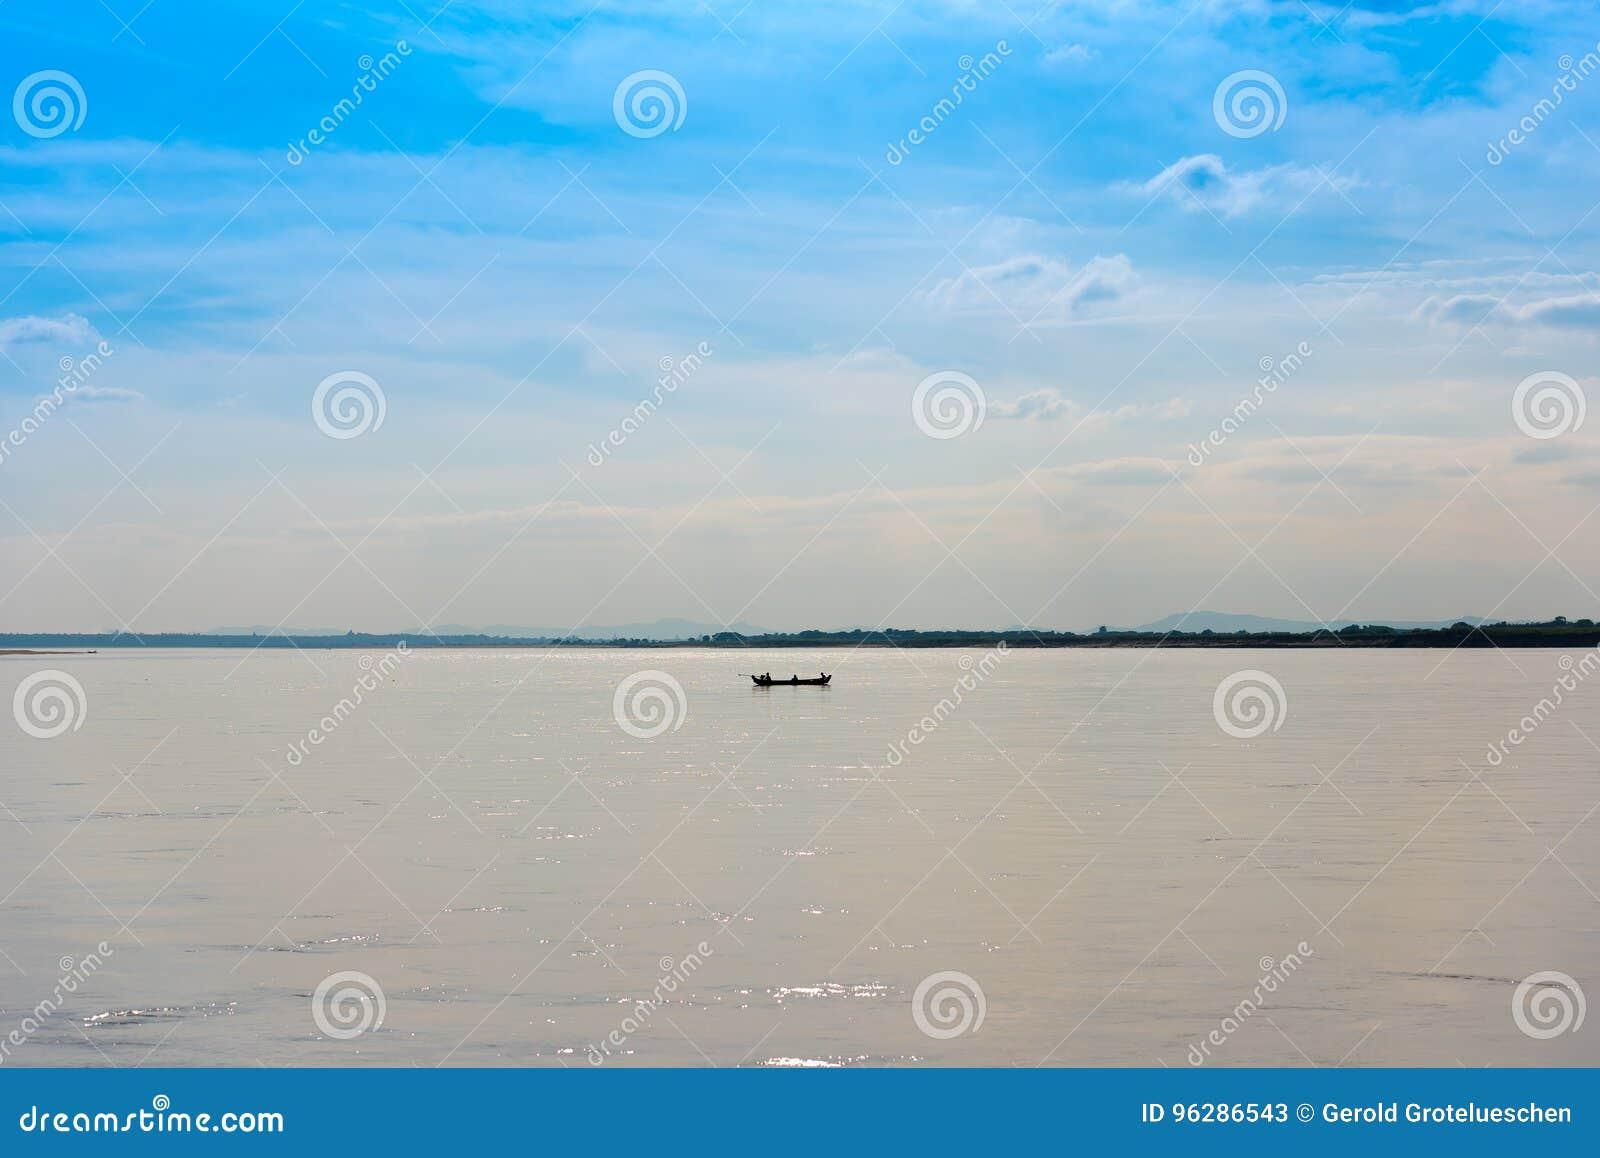 Pescatori in una barca sul fiume Irrawaddy a Mandalay, Myanmar, Birmania Copi lo spazio per testo